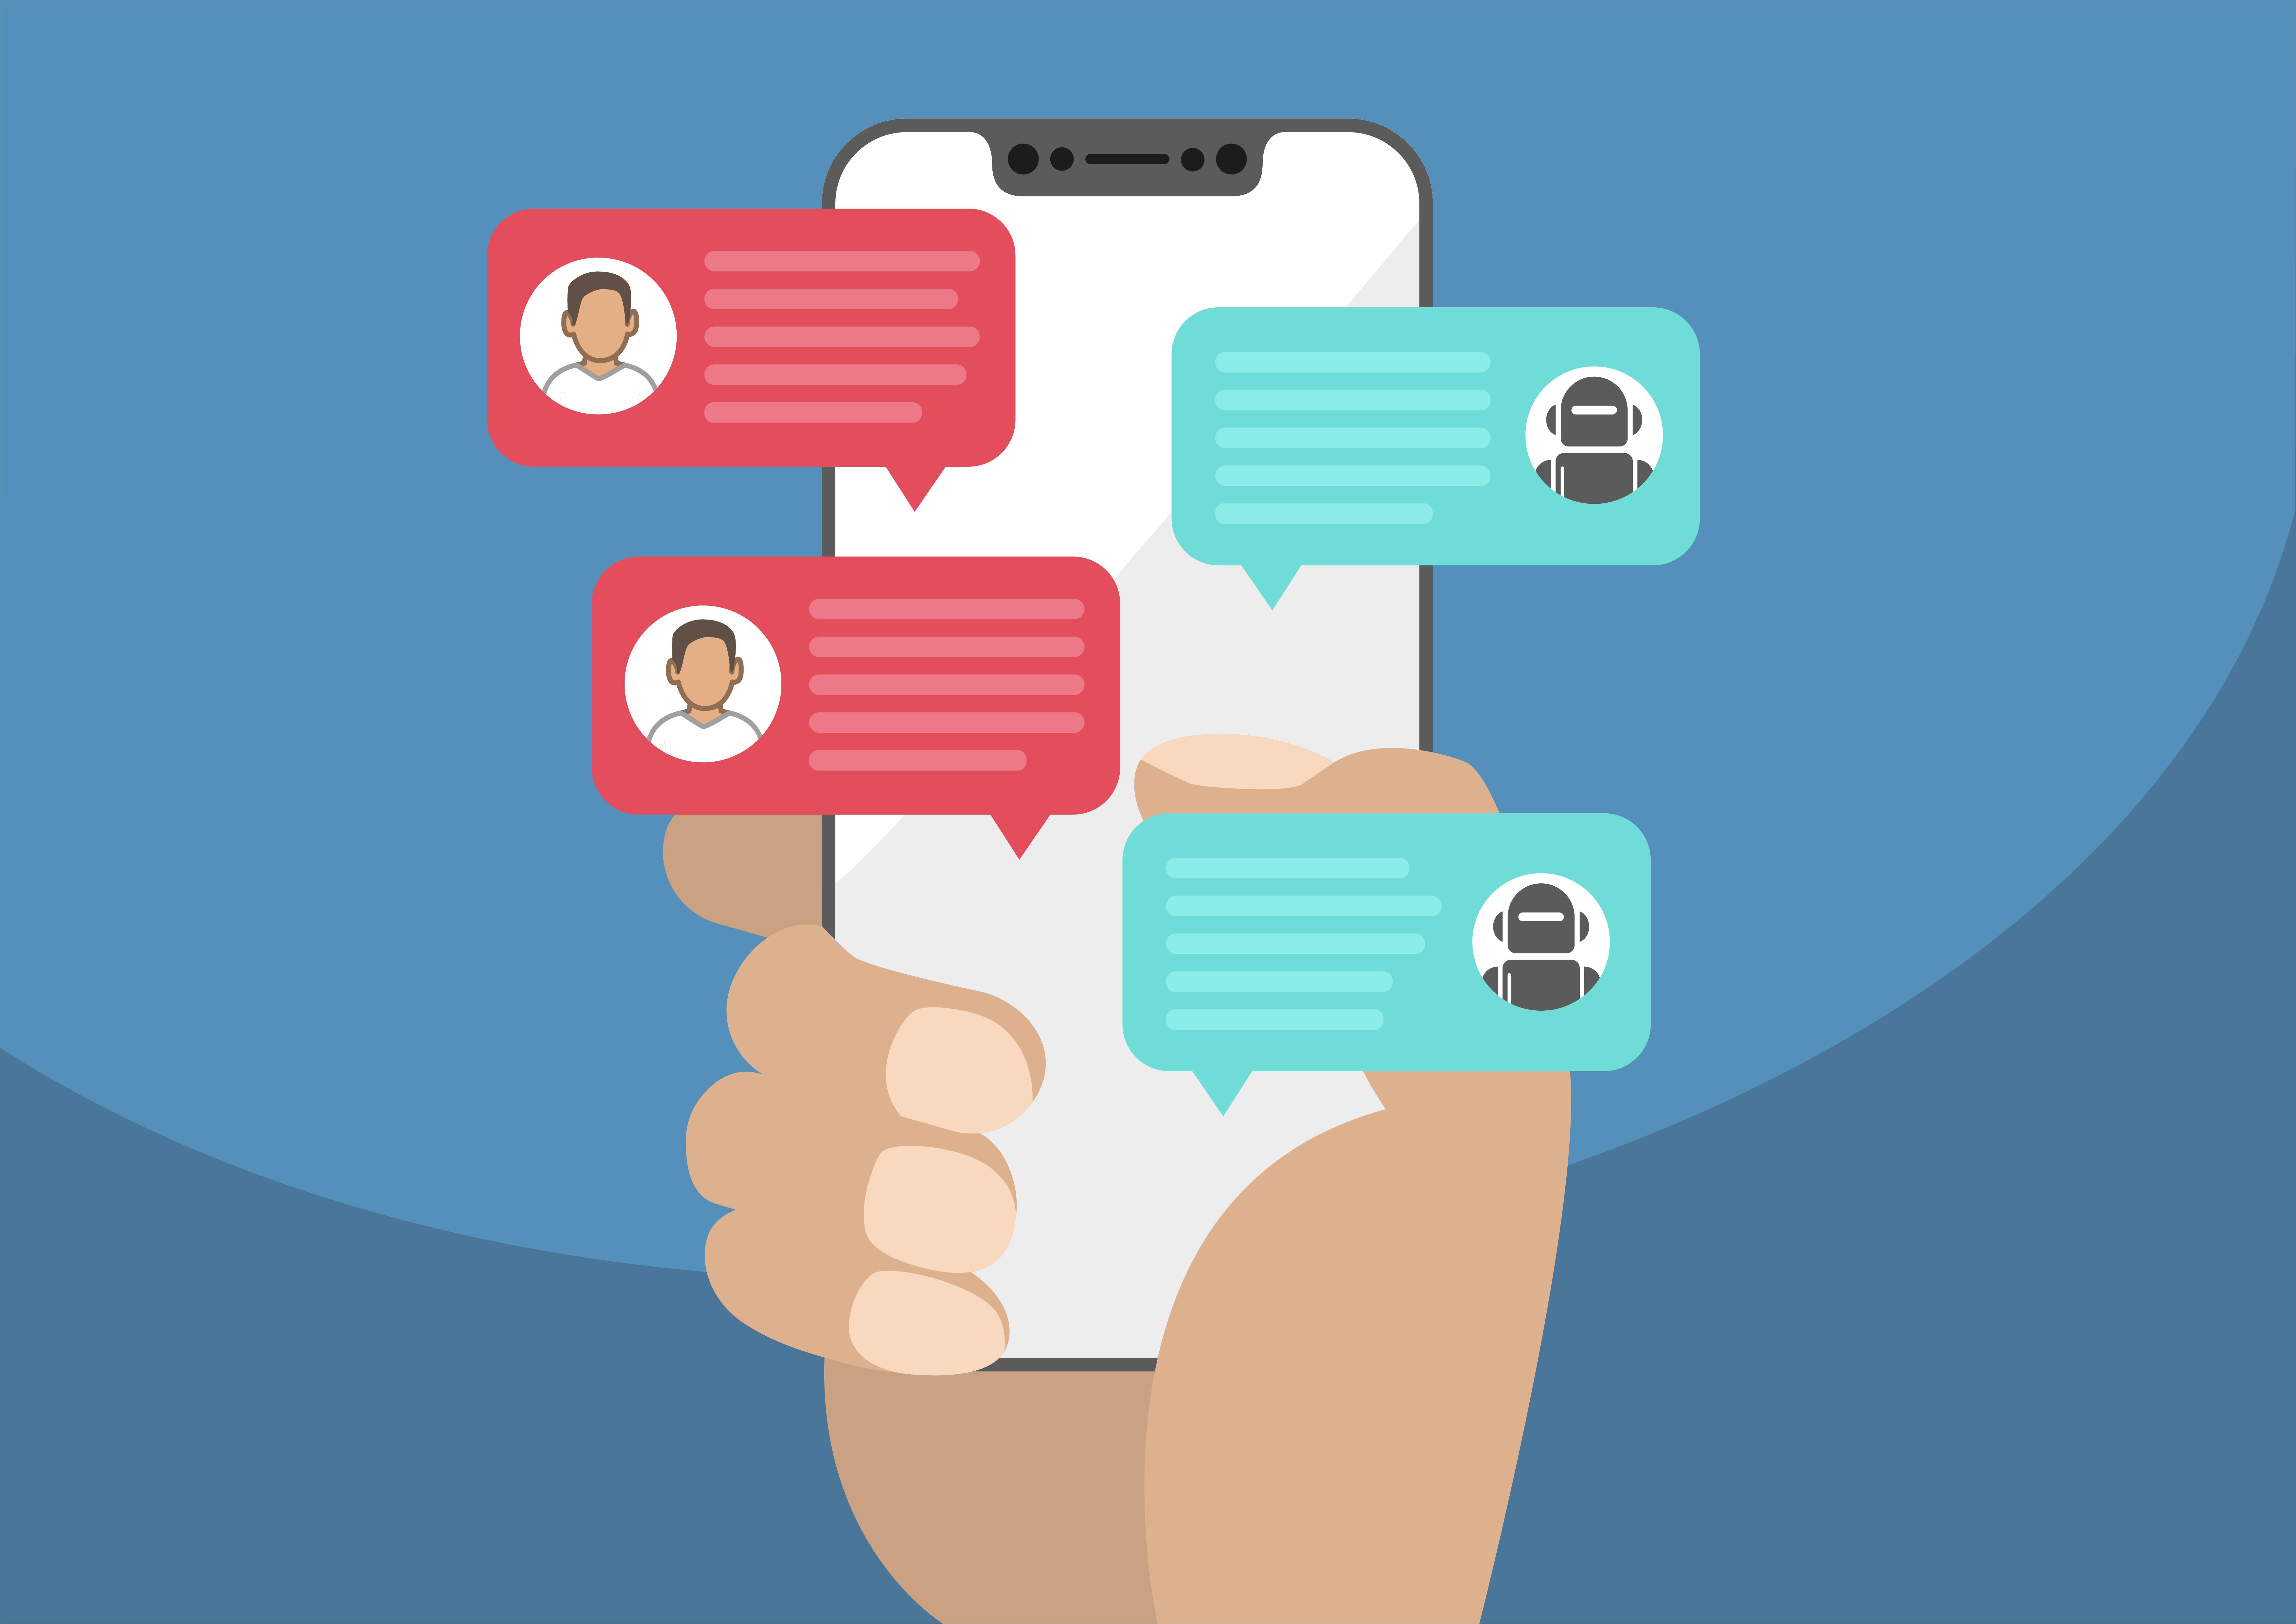 L'emailing est-il mort ? Découvrez les 4 outils qui vont soutenir vos campagnes d'emailings ! 12